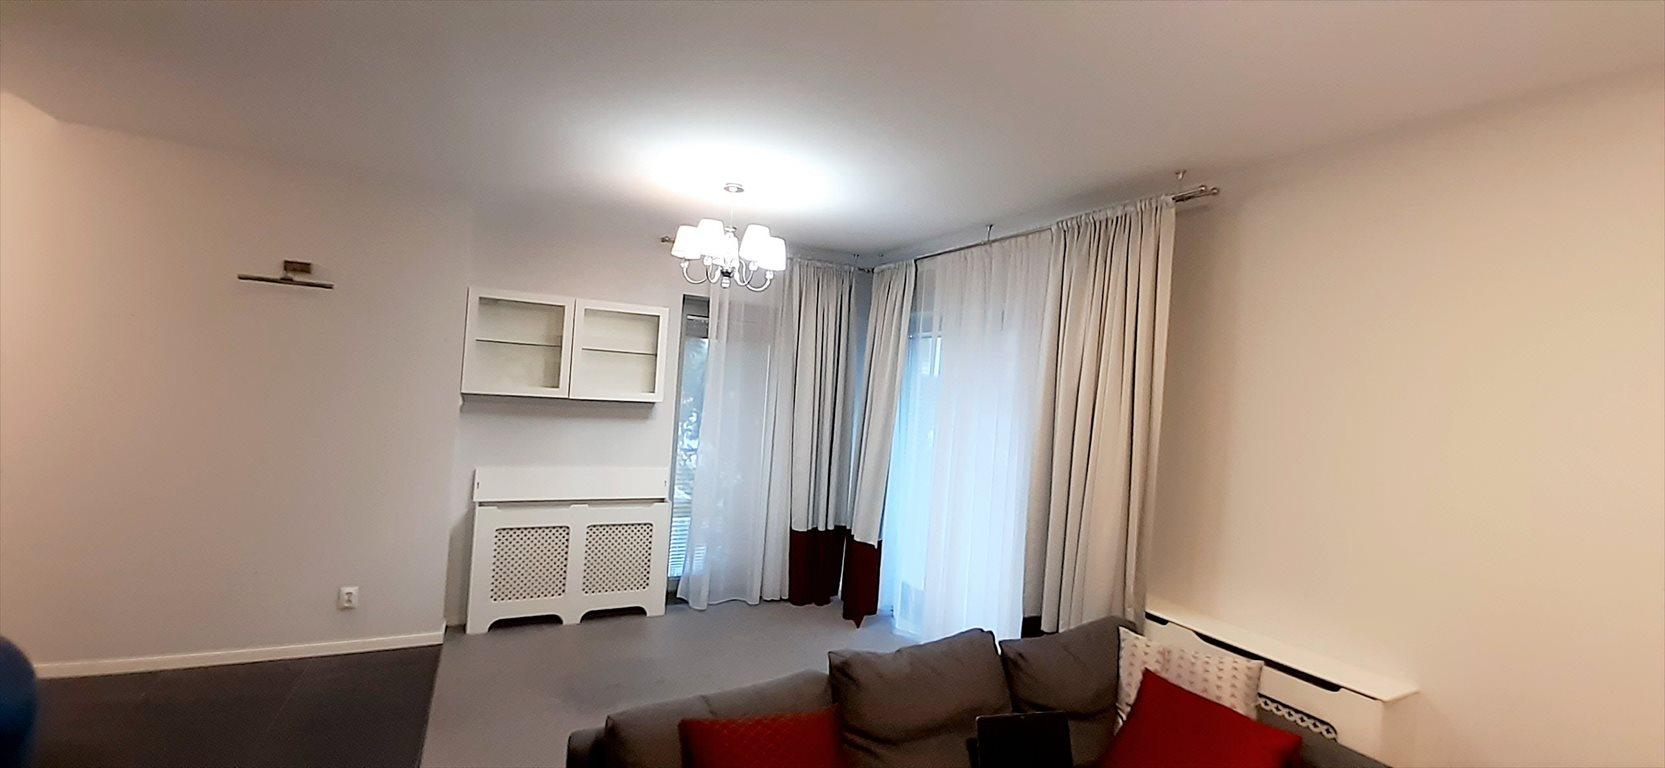 Mieszkanie dwupokojowe na sprzedaż Warszawa, Mokotów, Stanisława Żaryna  52m2 Foto 4